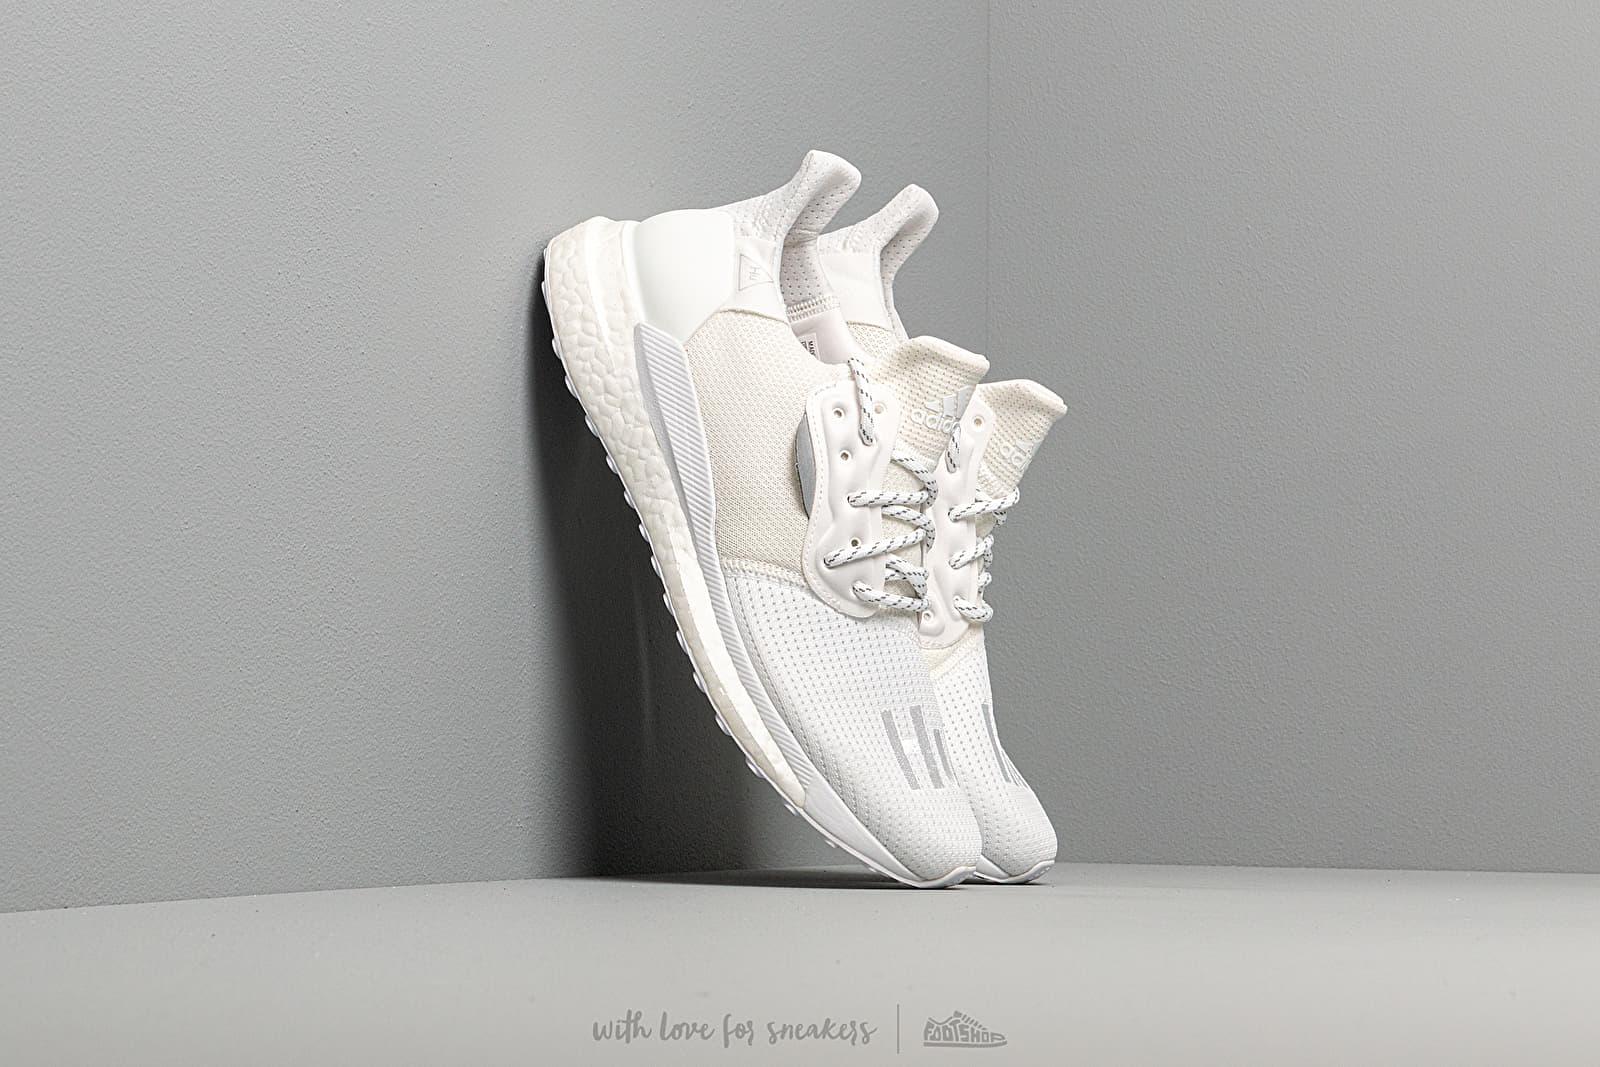 adidas Pharrell Williams x adidas Solar Hu Glide Shoes